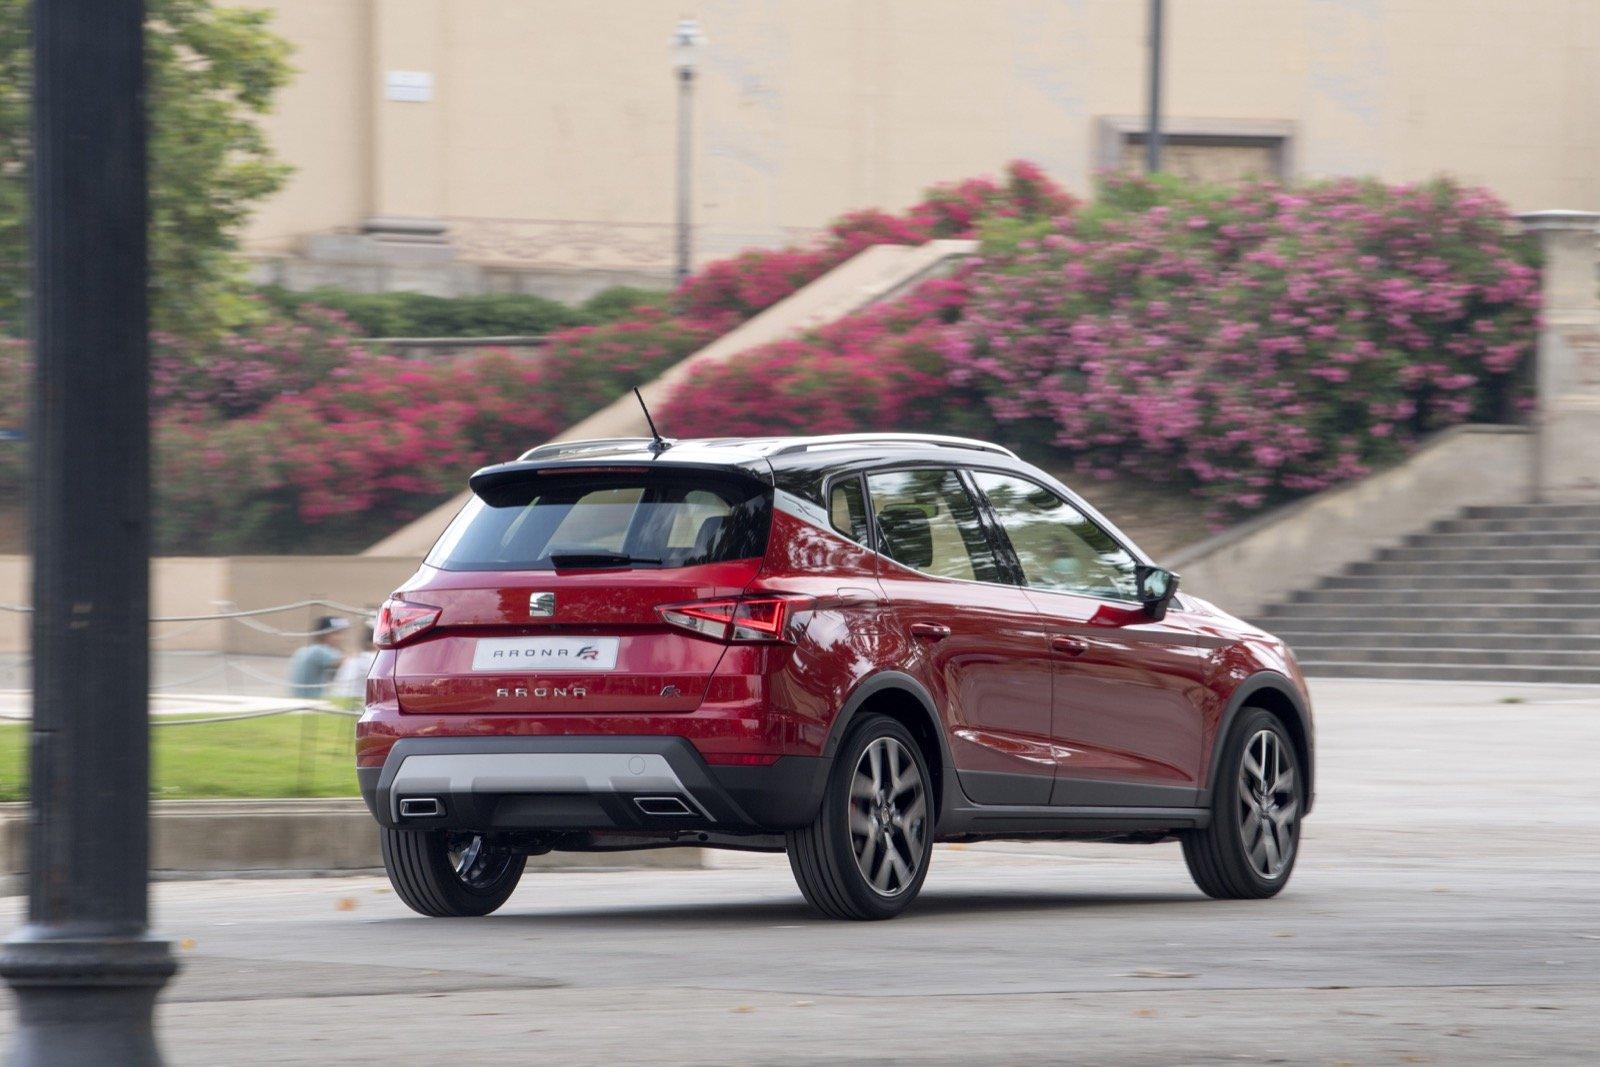 Solo unos meses para el debut del Volkswagen T-Cross, ¿estás preparado?